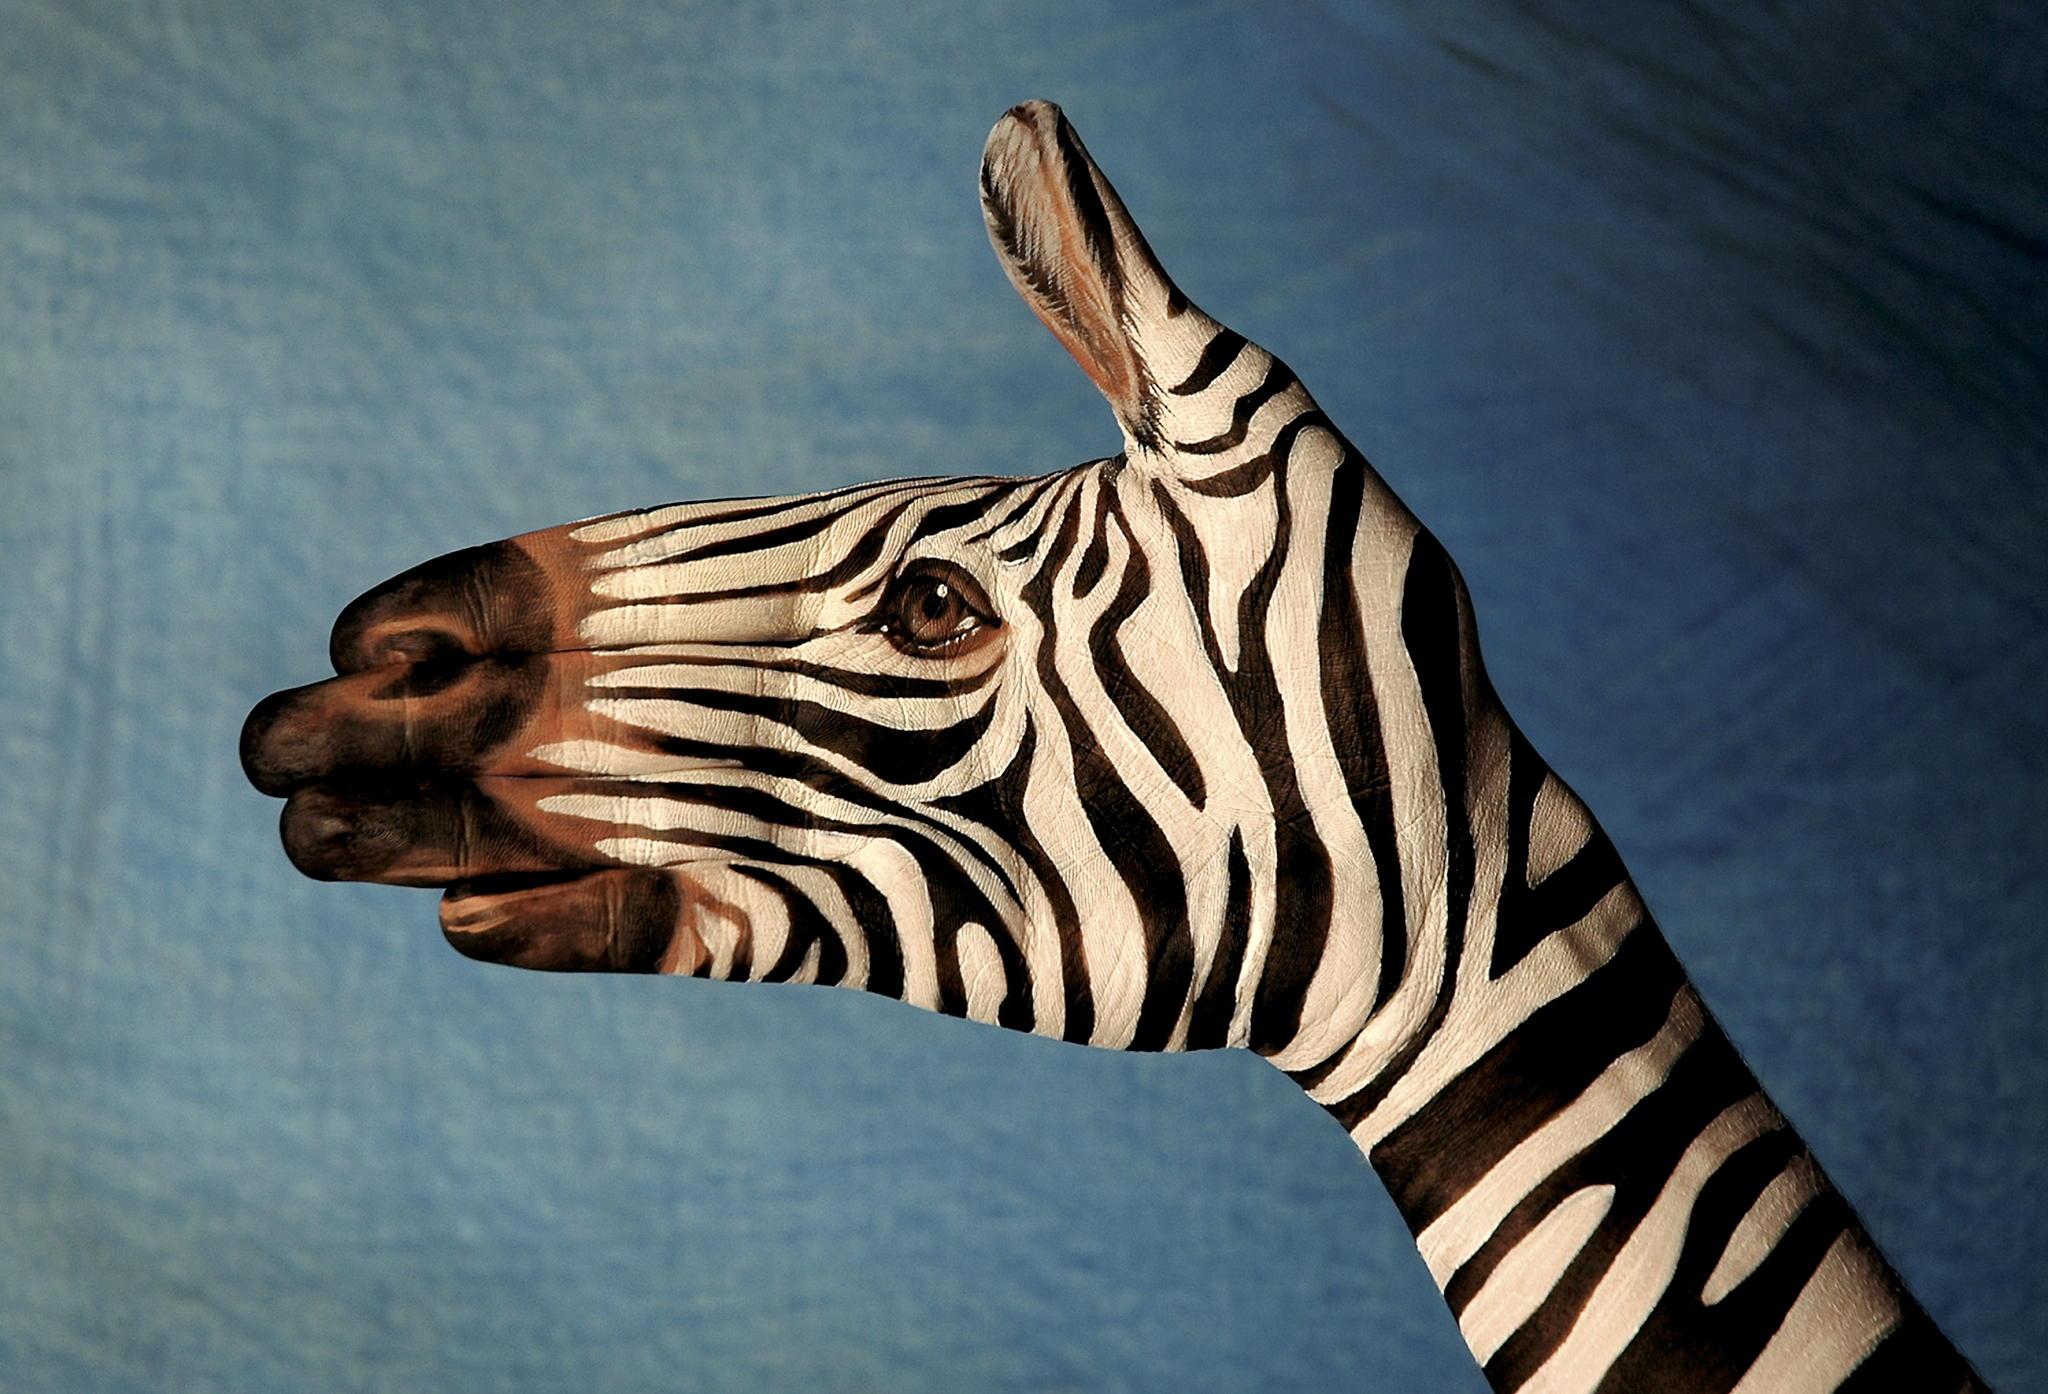 Zebra_-_Zebra_01